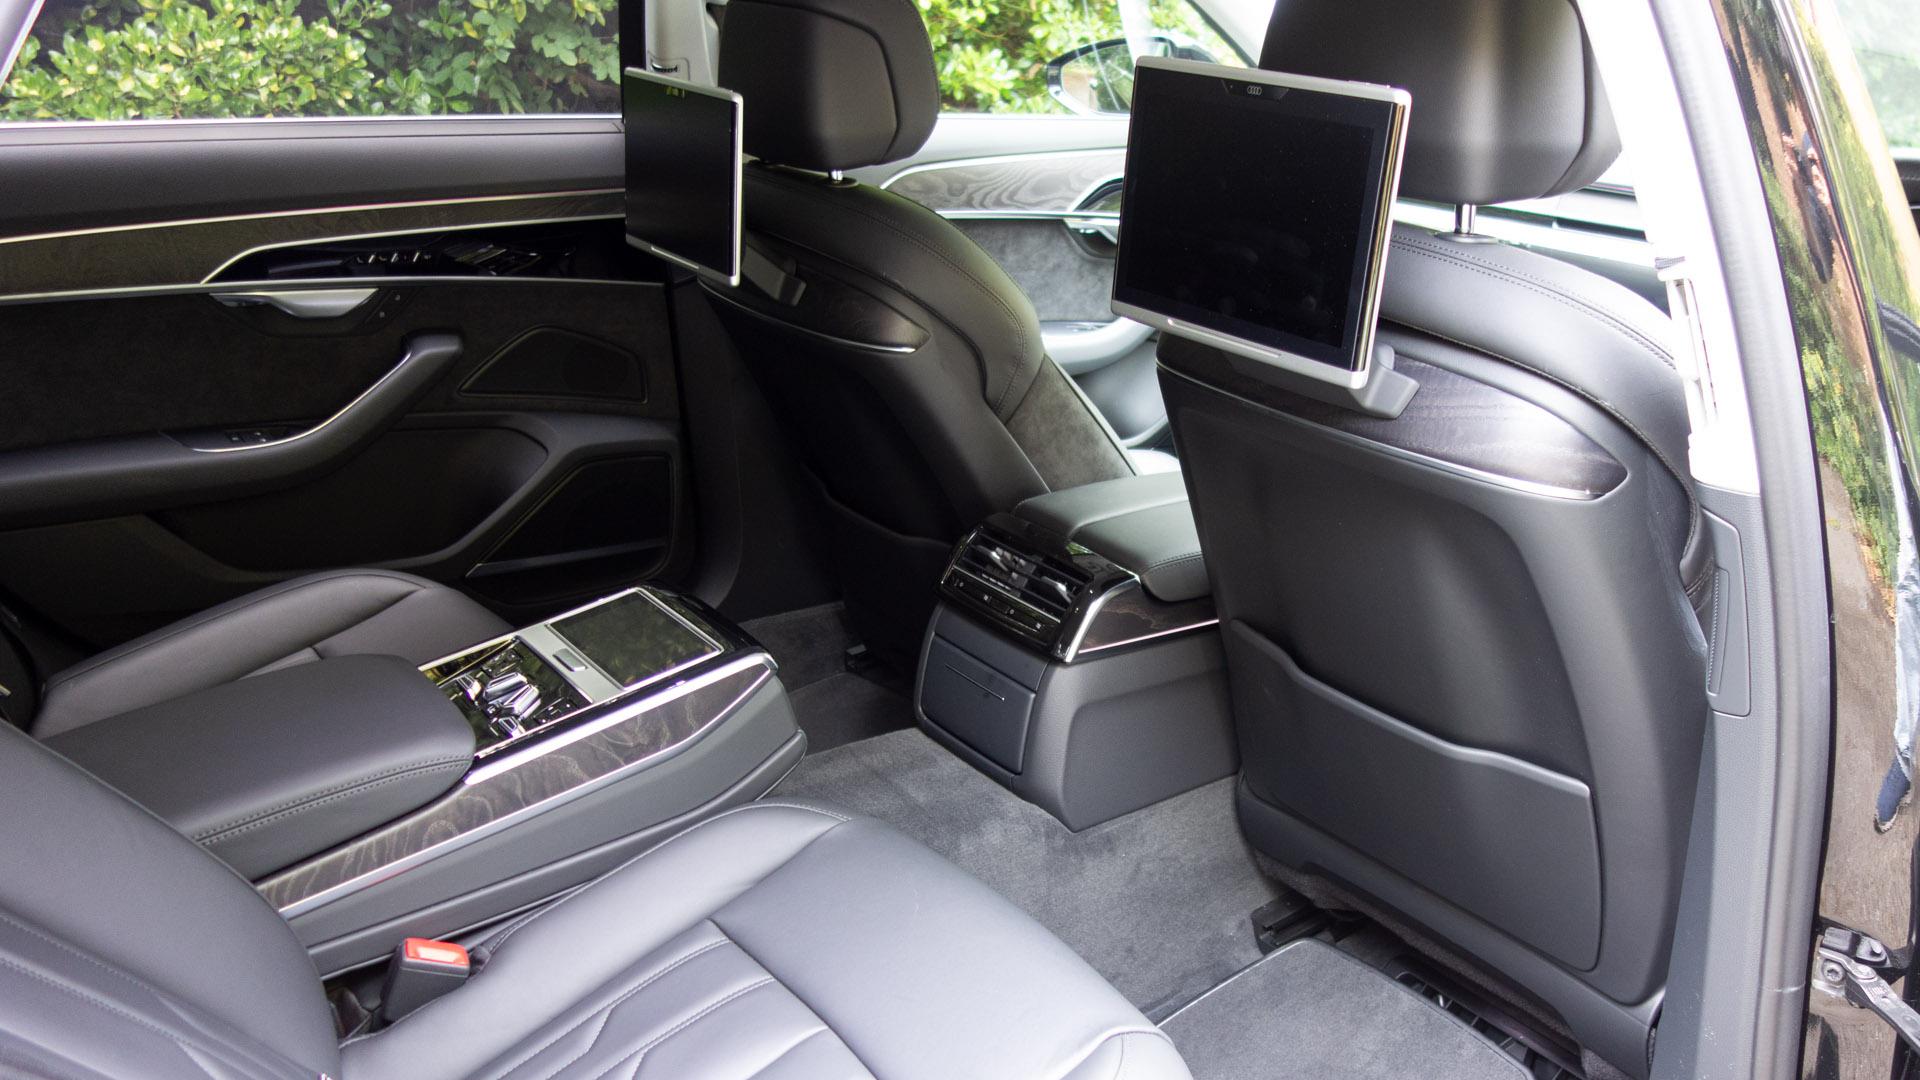 Audi A8 rear comfort